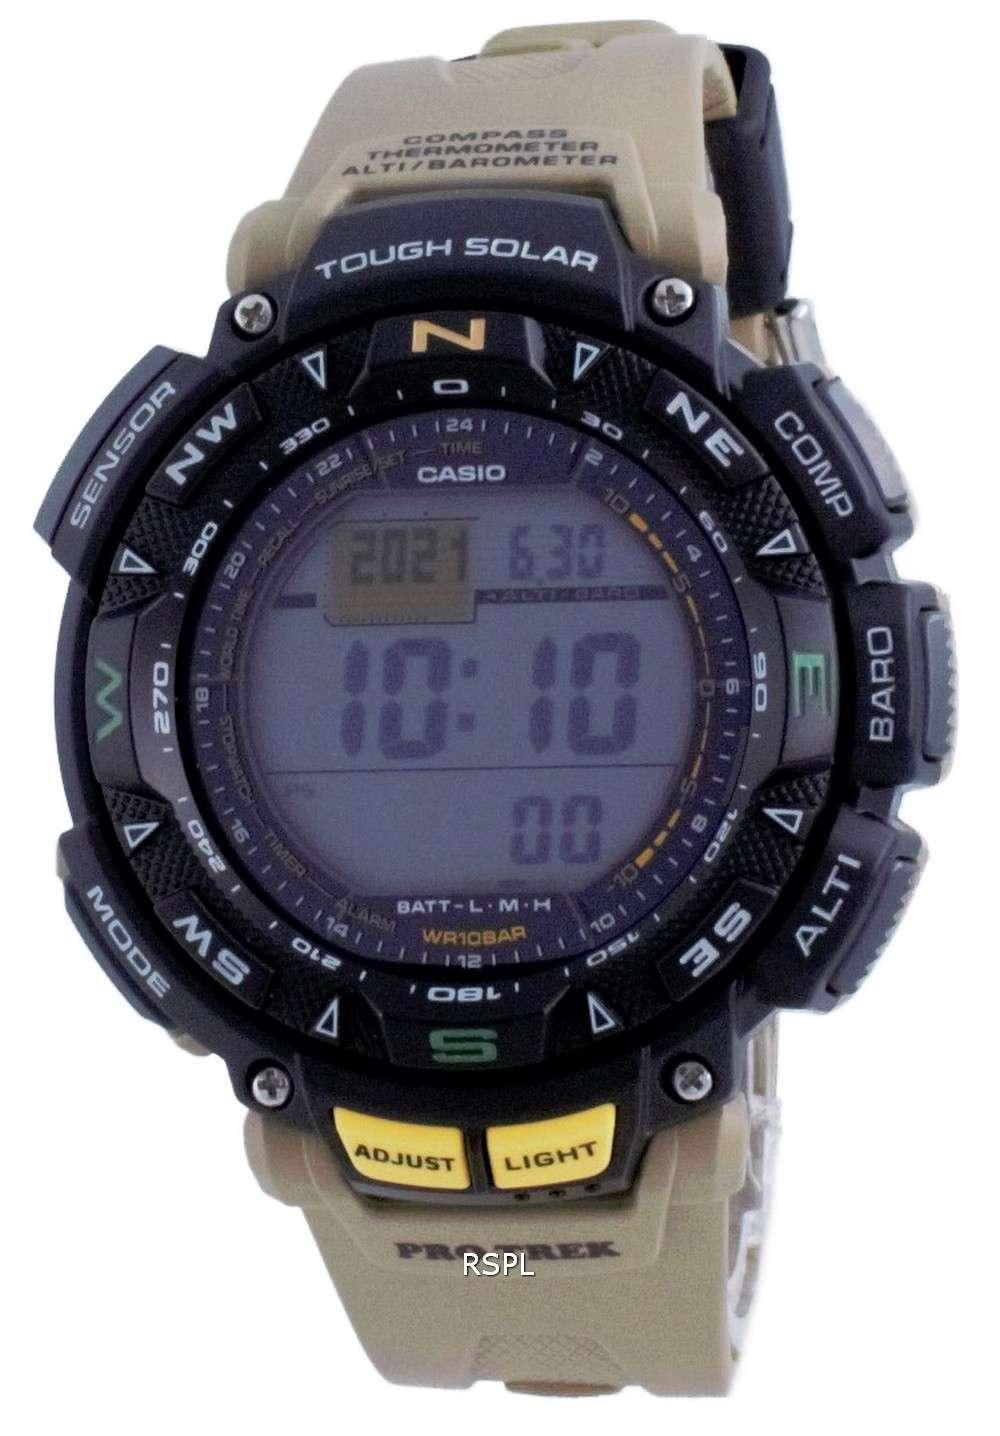 Reloj Casio Protrek Tough Solar Digital Compass PRG-240-5 PRG240-5 100M para hombre